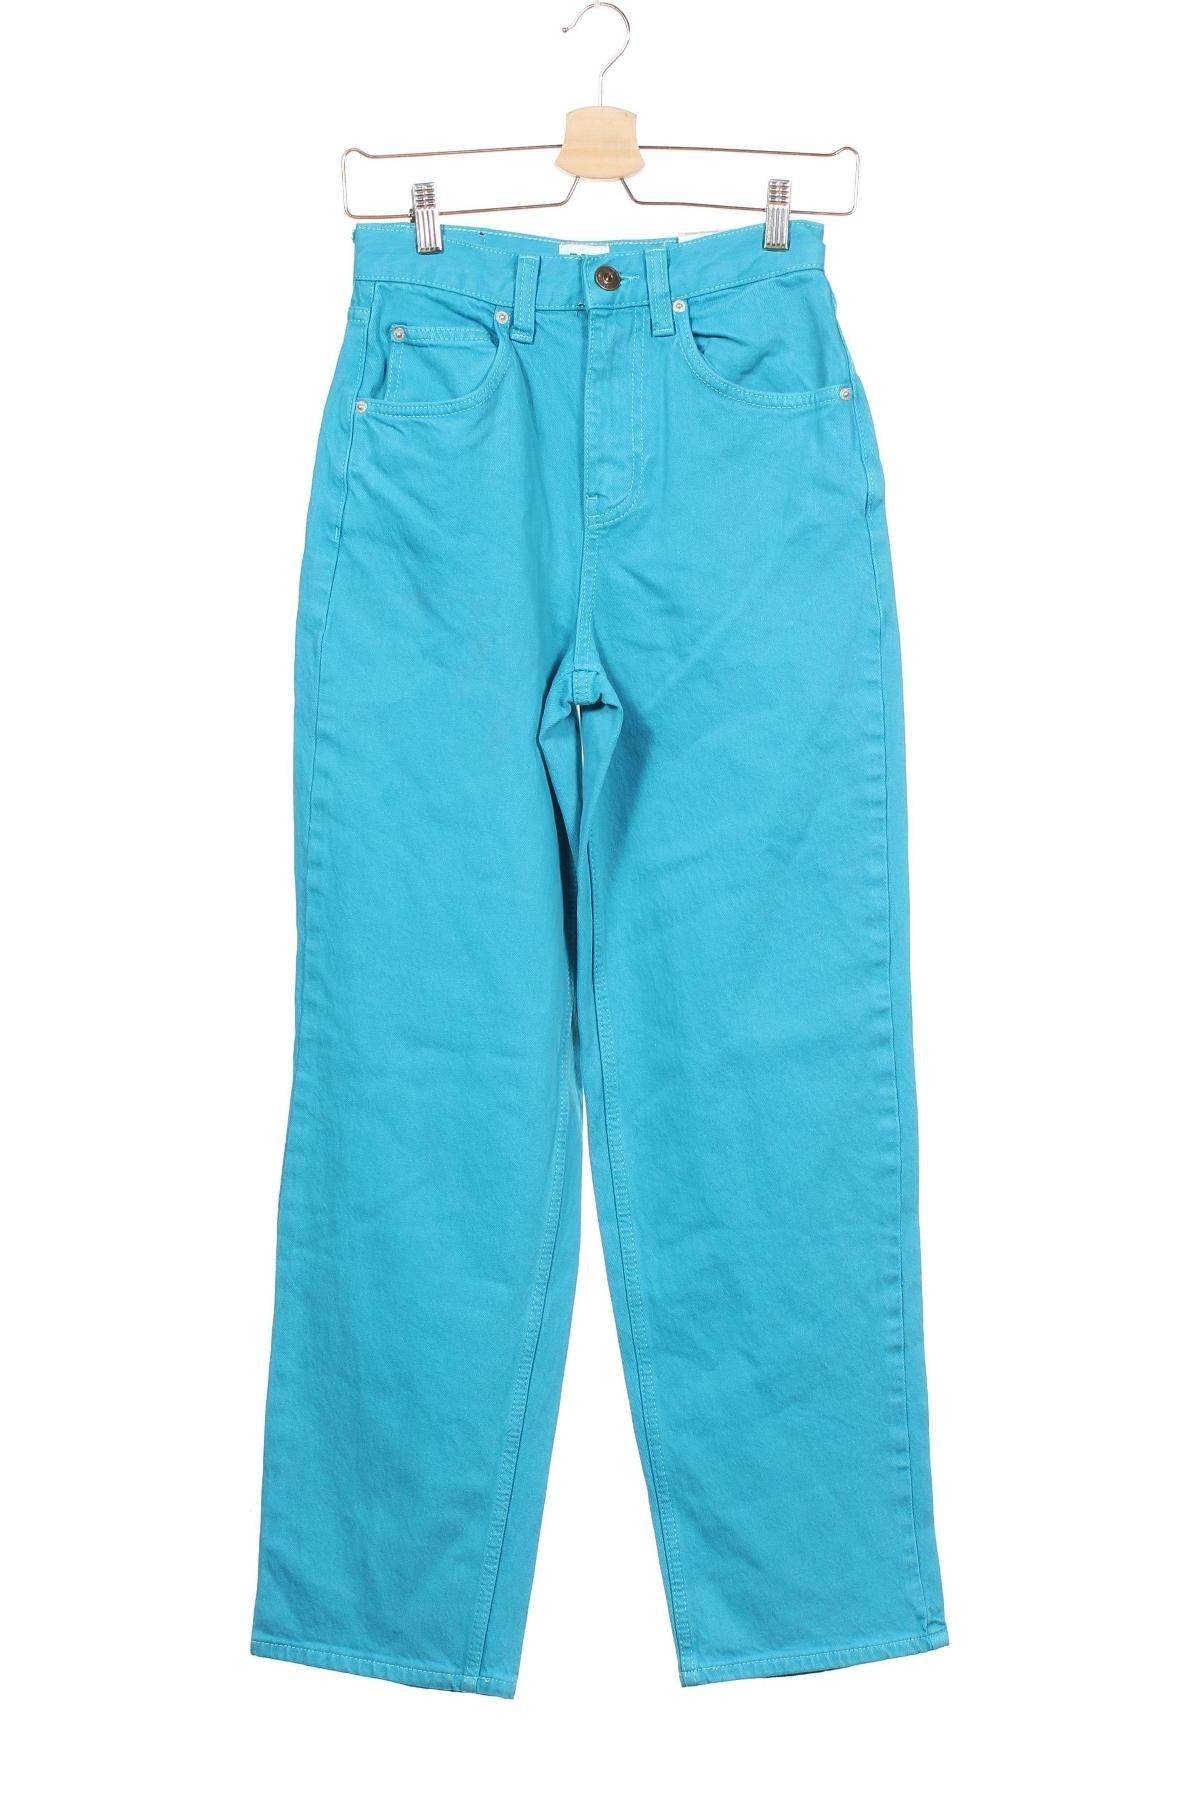 Дамски дънки BDG, Размер XXS, Цвят Син, 99% памук, 1% еластан, Цена 41,96лв.